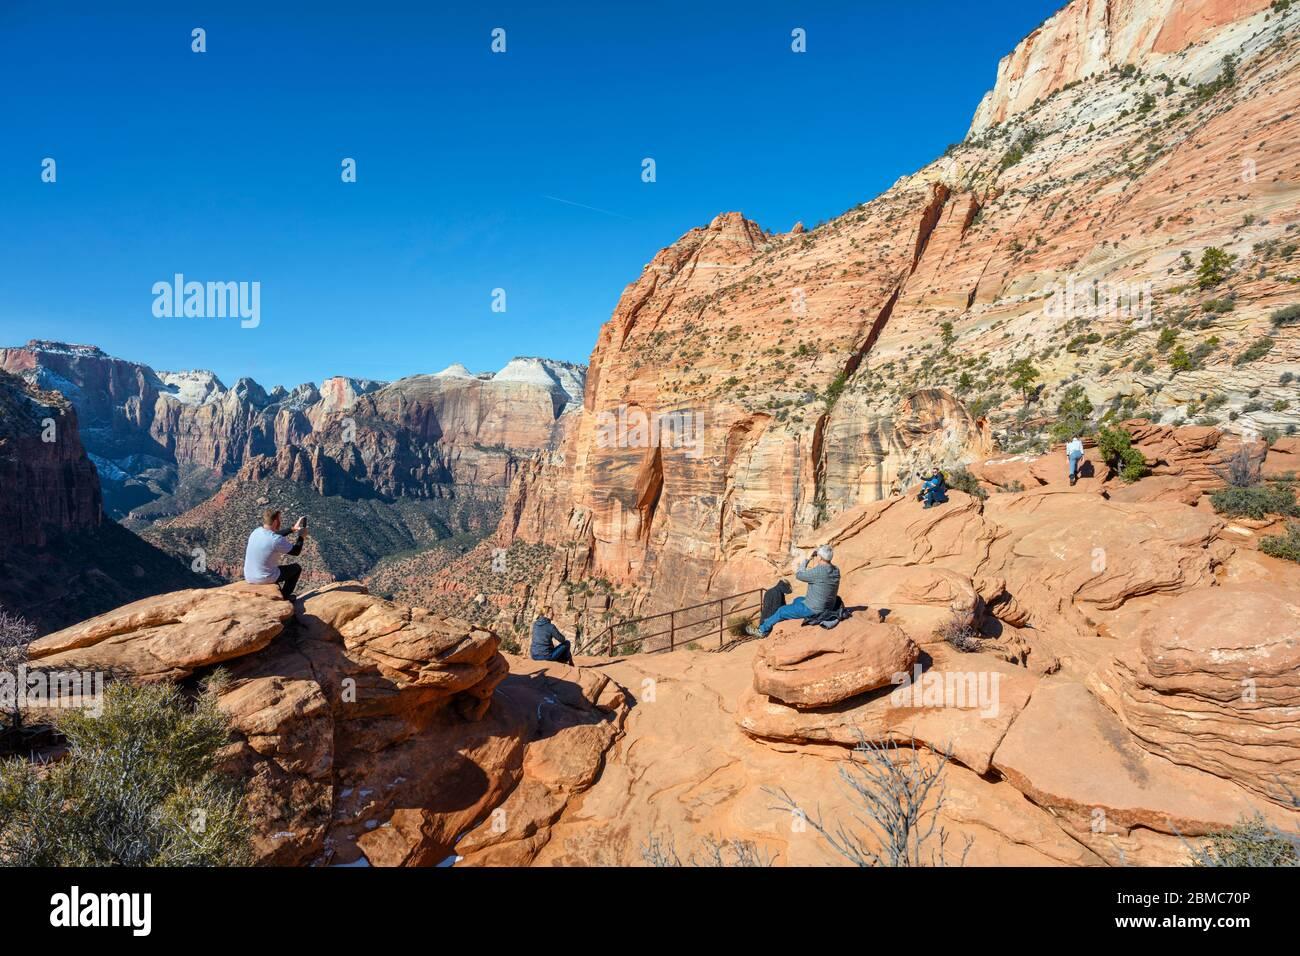 Los senderistas que miran hacia la vista del Cañón Zion desde el mirador del Cañón, el Parque Nacional Zion, Utah, Estados Unidos Foto de stock